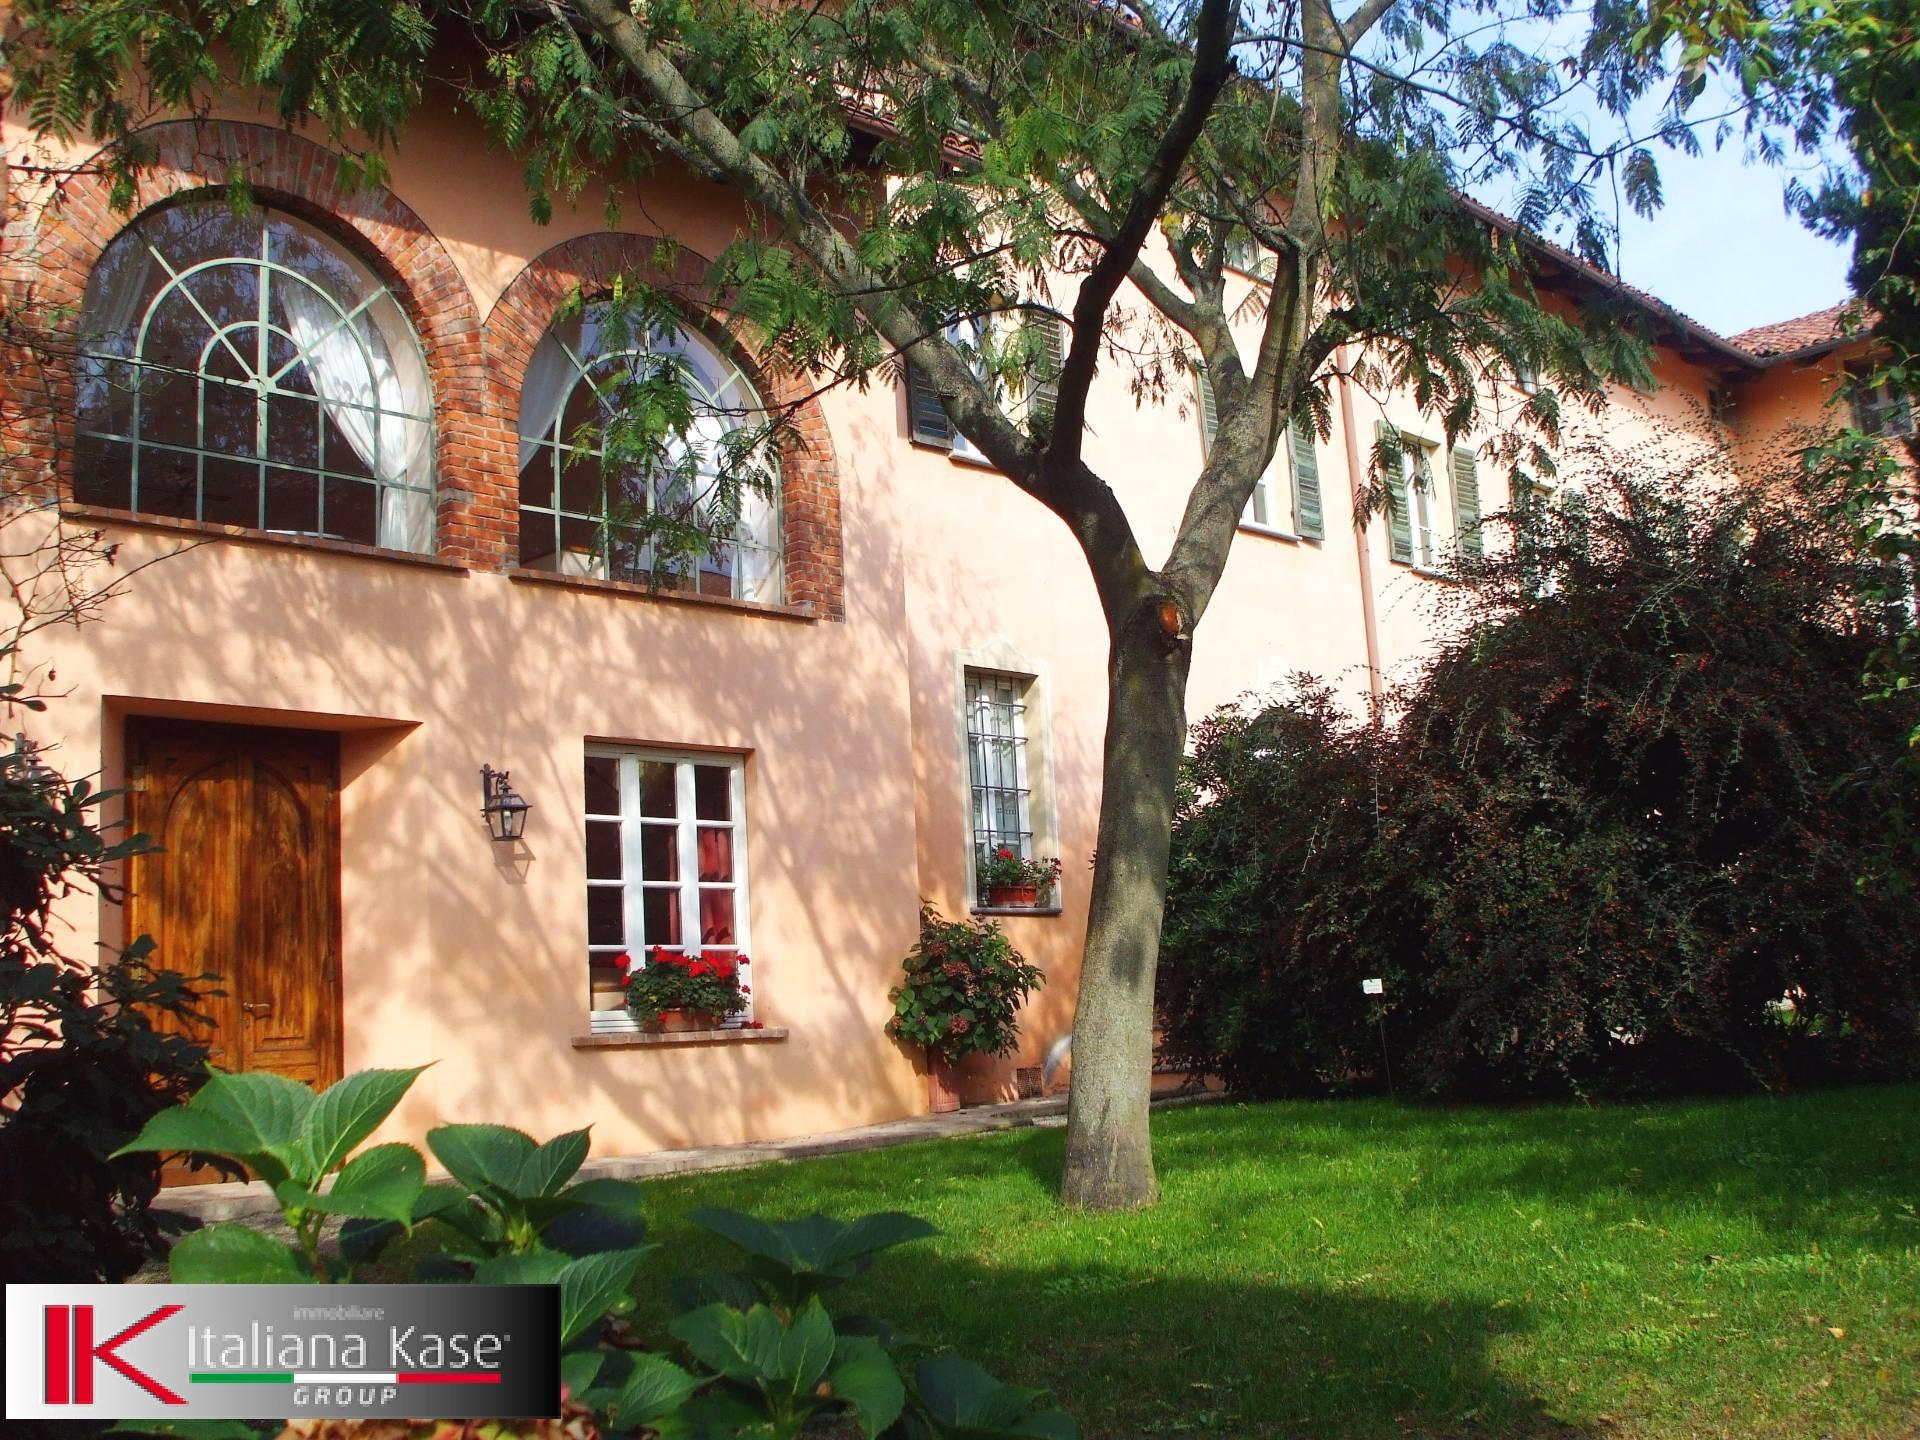 Appartamento in affitto a Sciolze, 2 locali, zona Località: Sciolze, prezzo € 650 | Cambio Casa.it